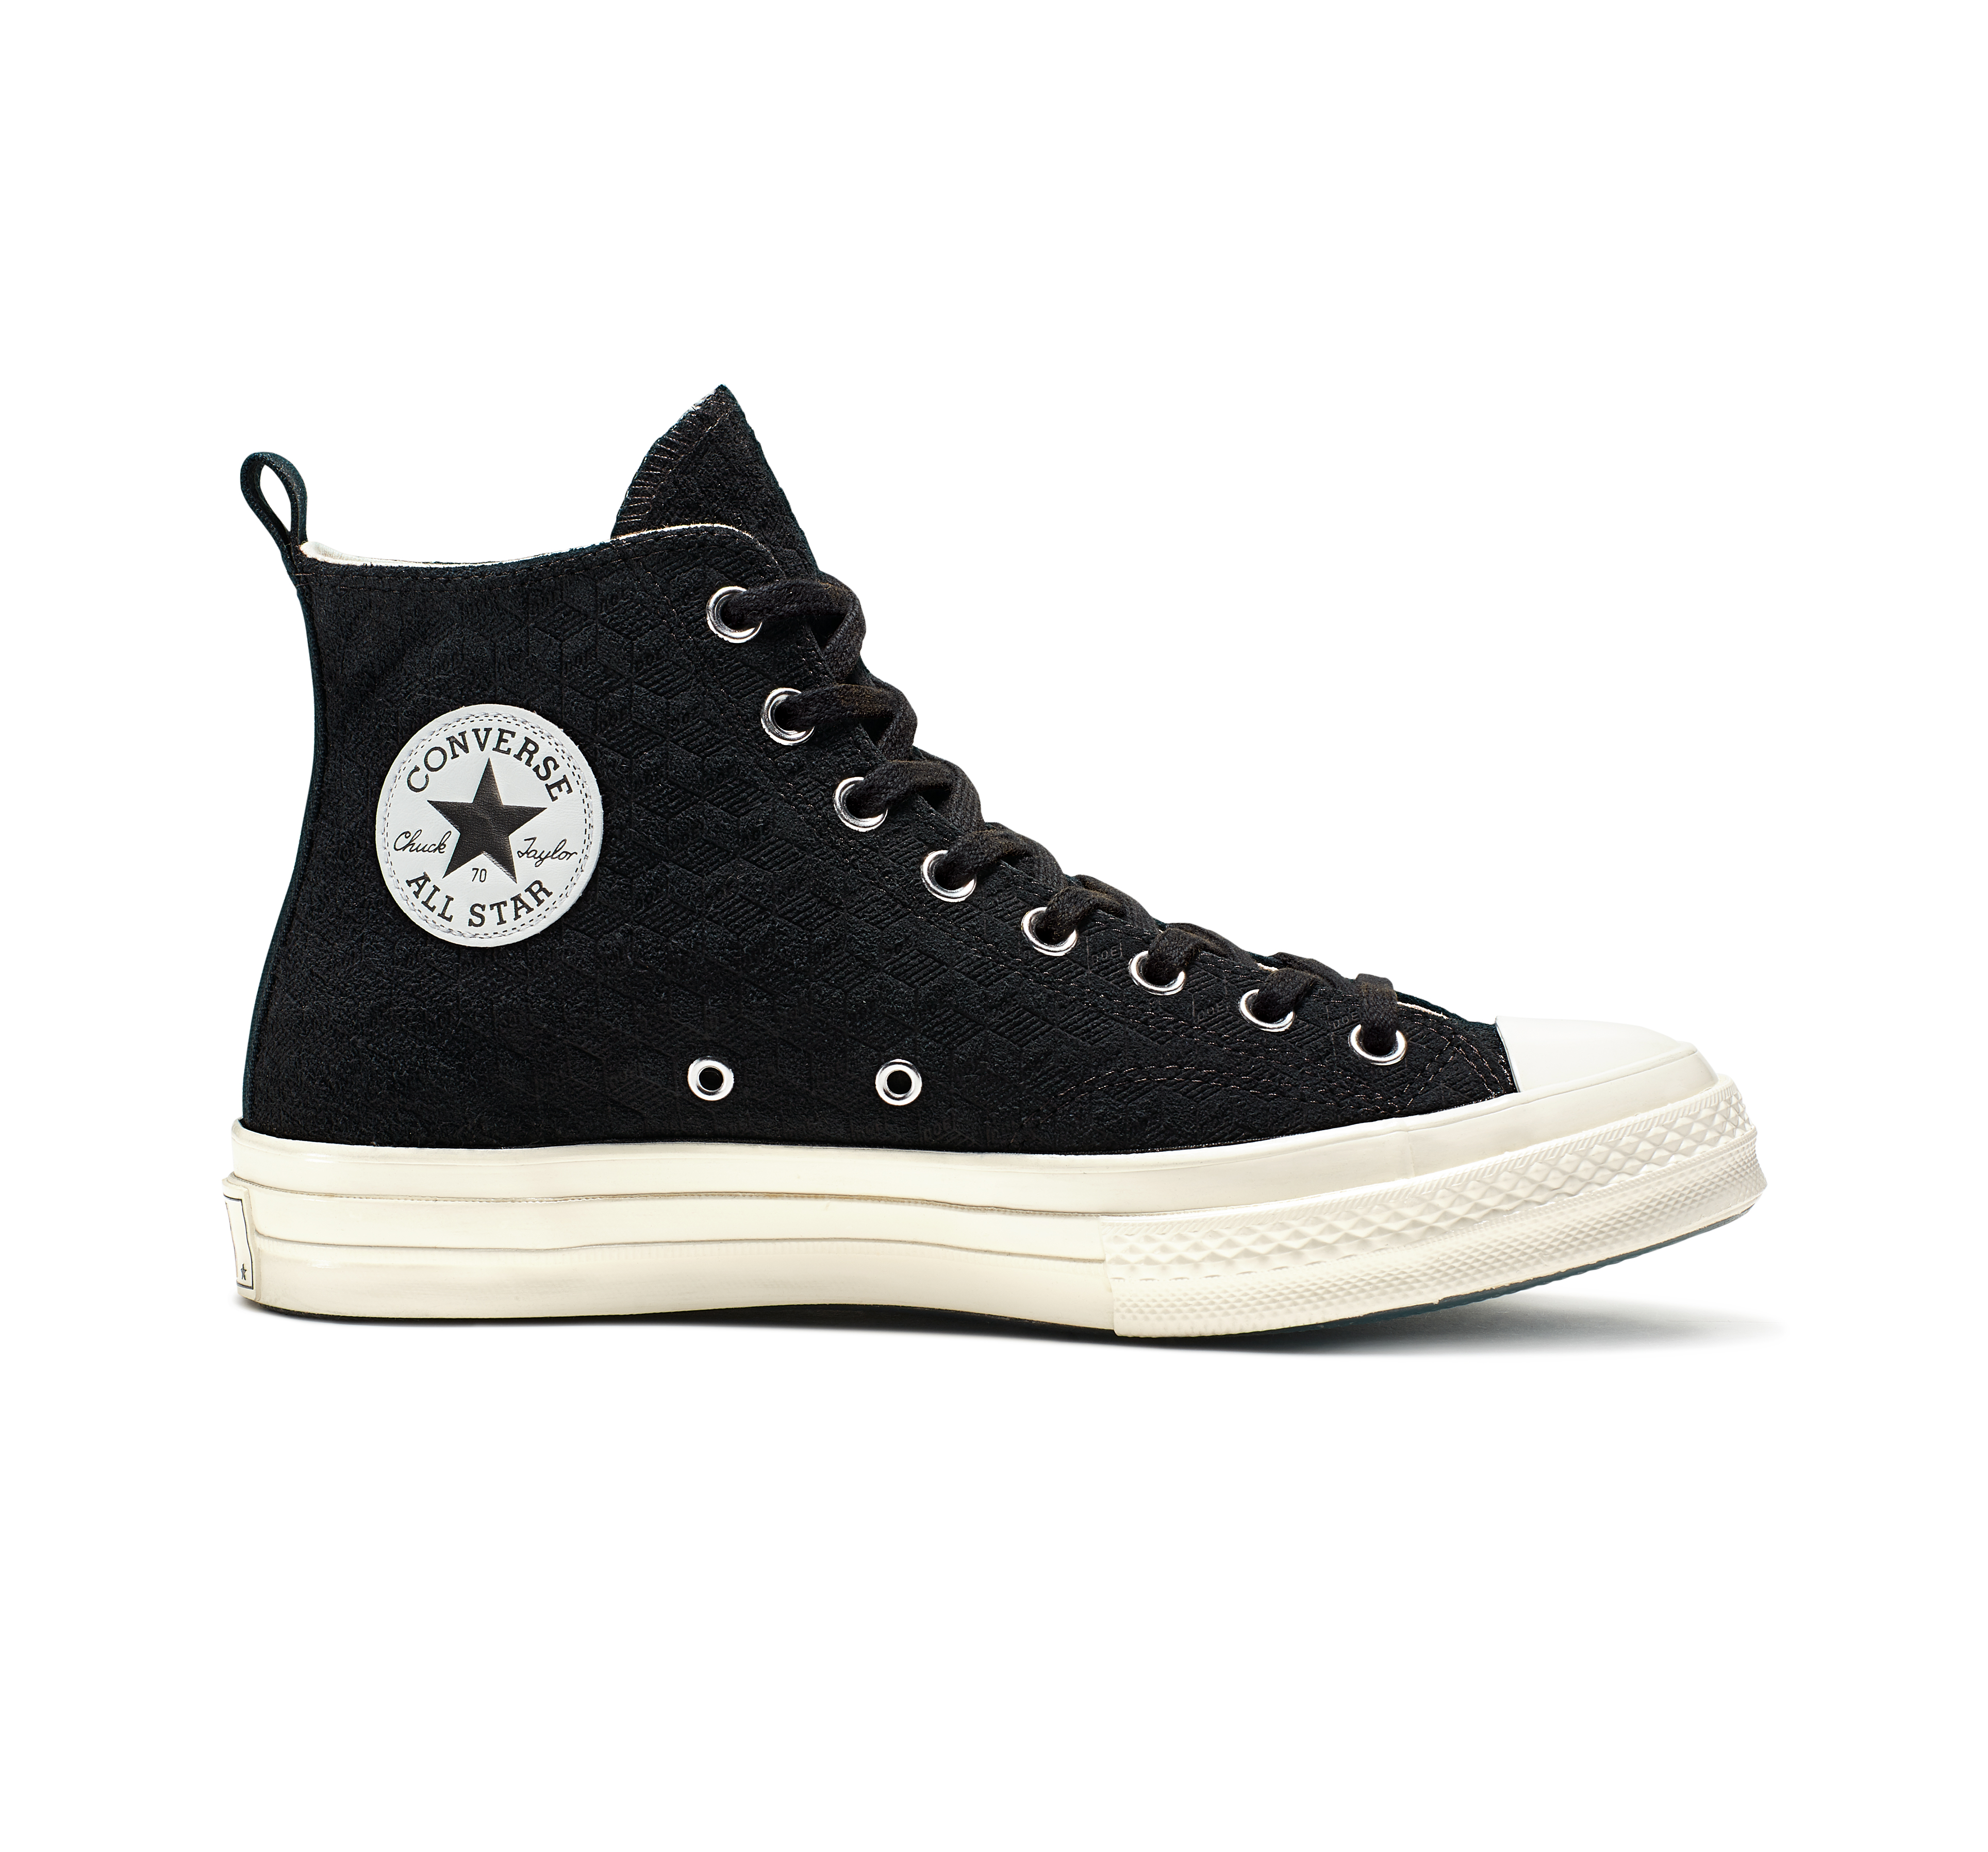 Converse x DOE Chuck 70 High Top | Cute